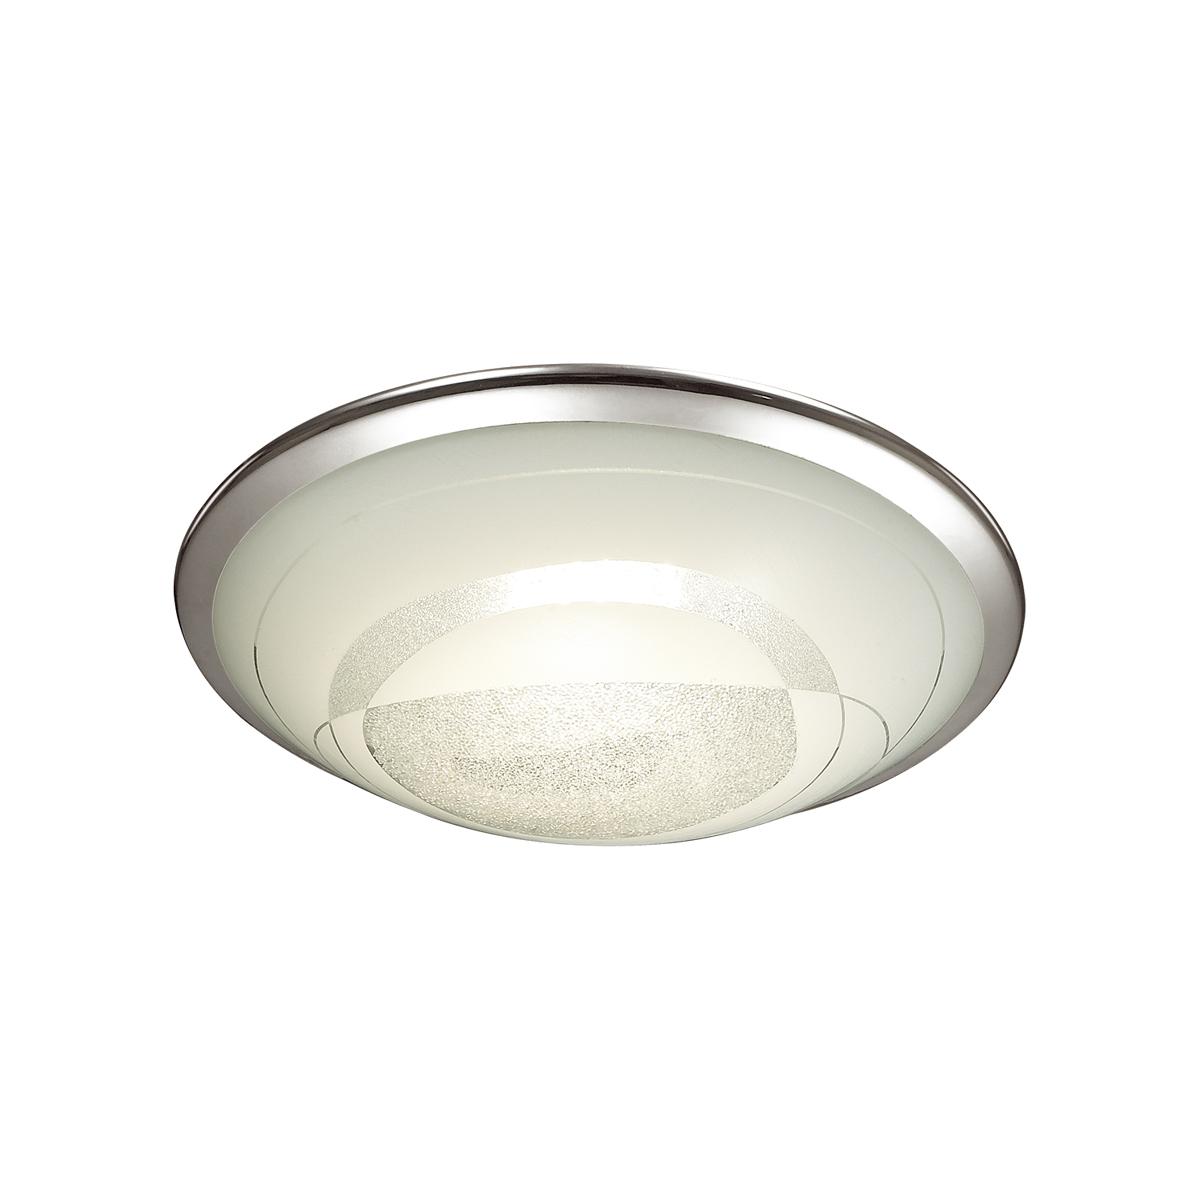 Потолочный светодиодный светильник Sonex Mabia 2062/CL, LED 28W 4000K 1419lm, хром, белый, металл, стекло - фото 1